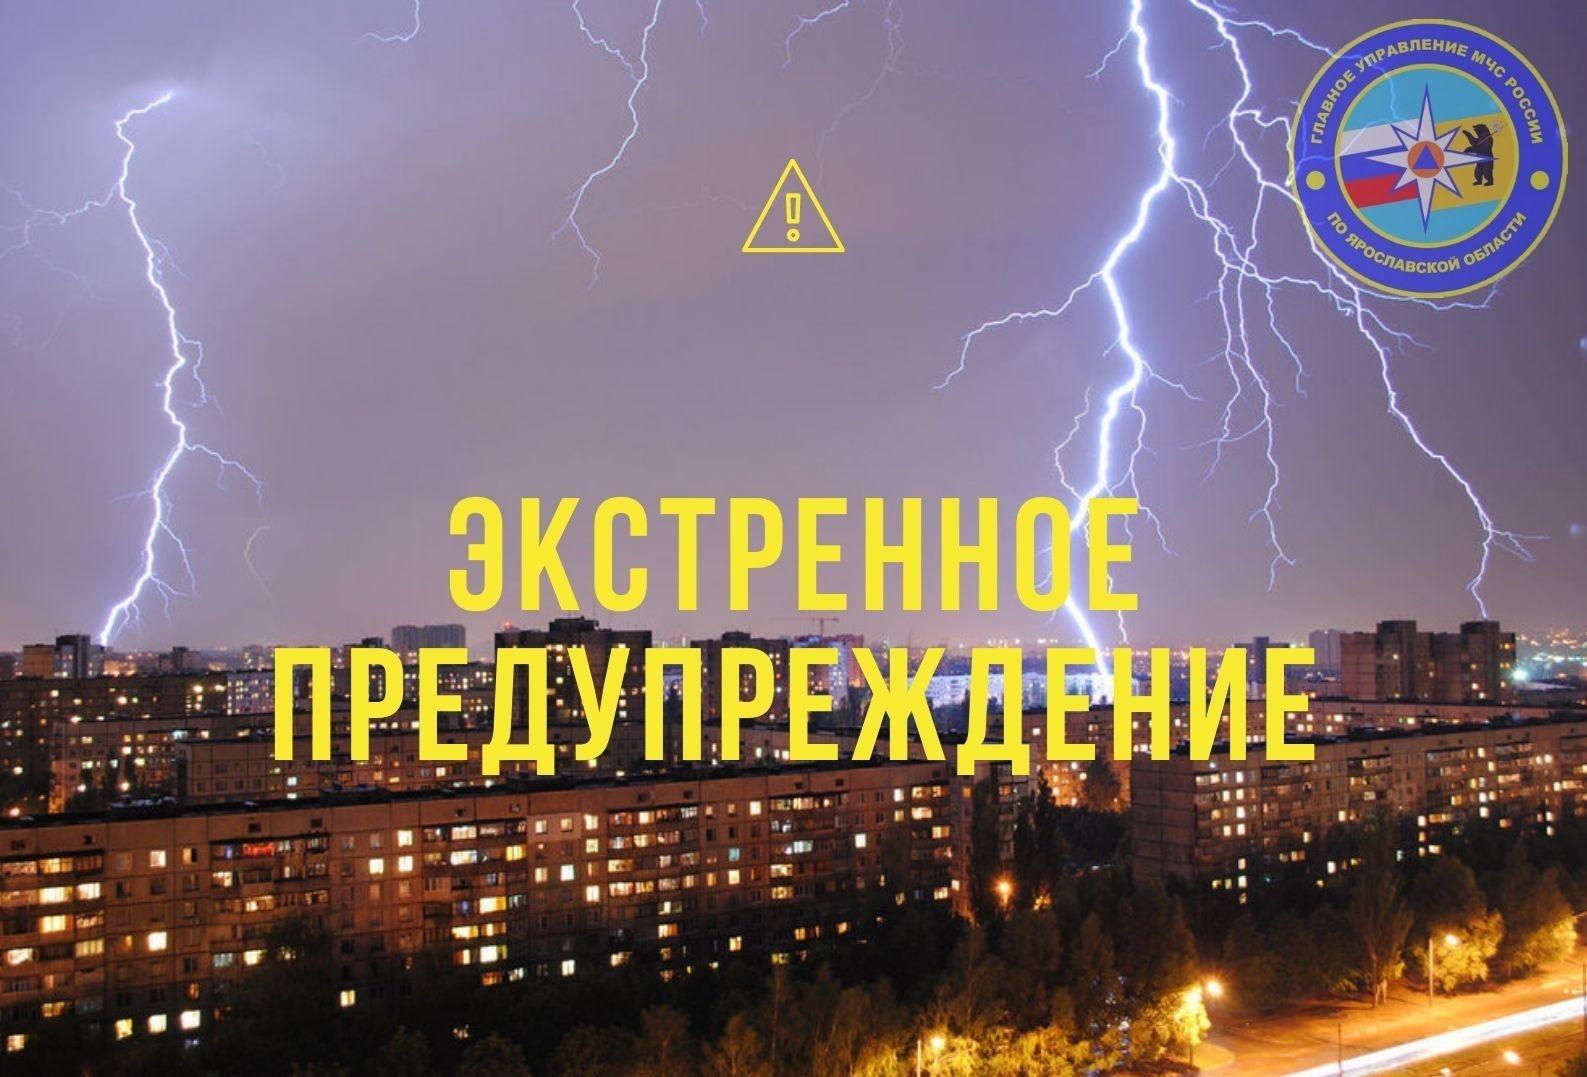 МЧС снова предупреждает об опасной непогоде: гроза пройдет местами по Ярославской области